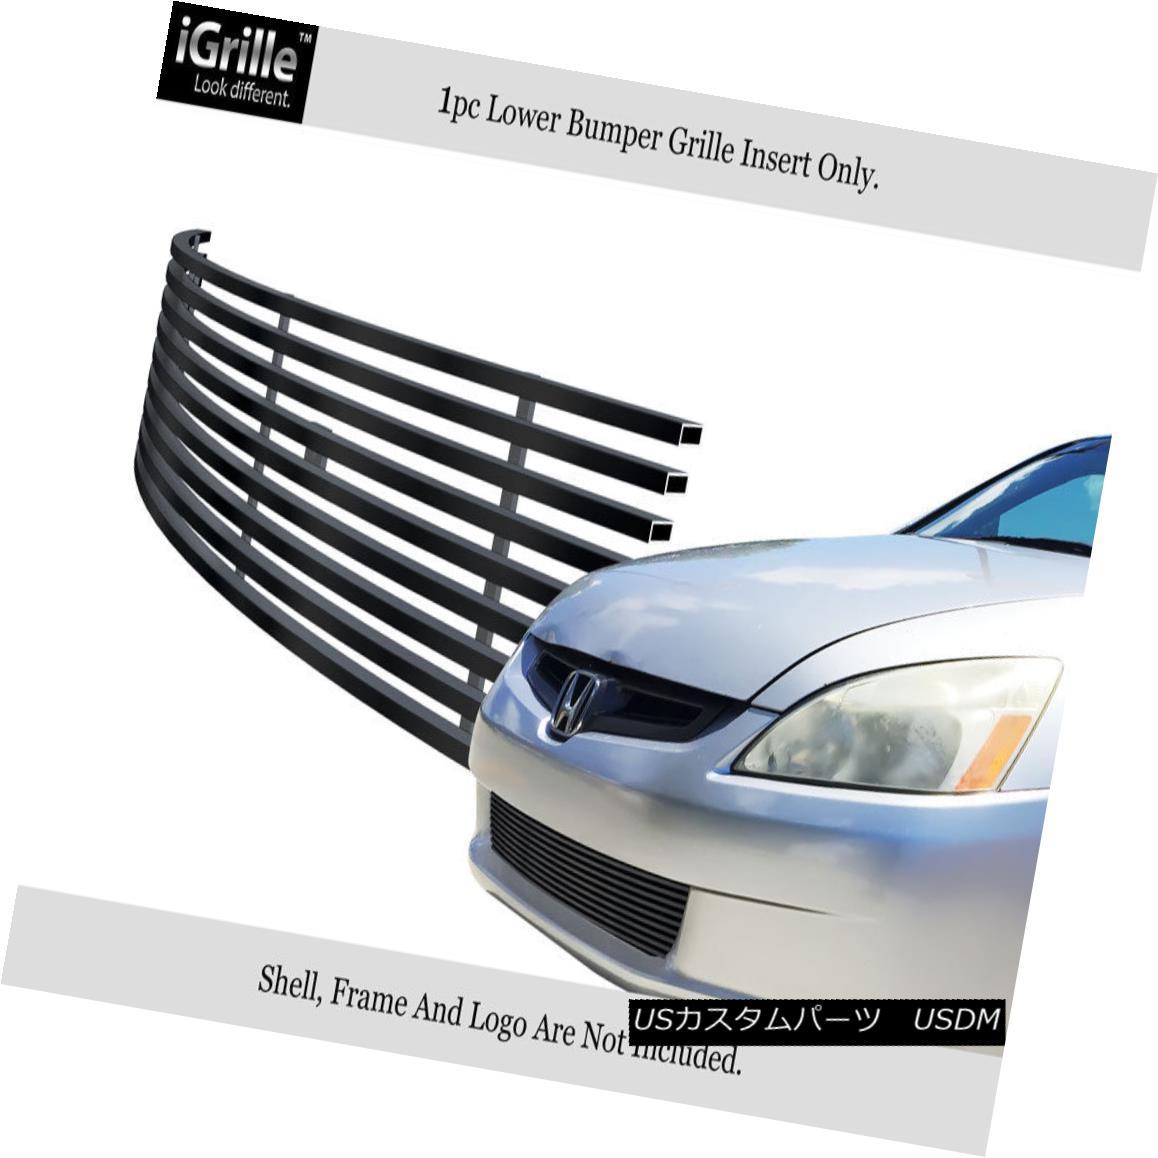 グリル Fits 03-05 Honda Accord Sedan Lower Bumper Black Stainless Billet Grille フィット03-05ホンダアコードセダンロワーバンパーブラックステンレスビレットグリル